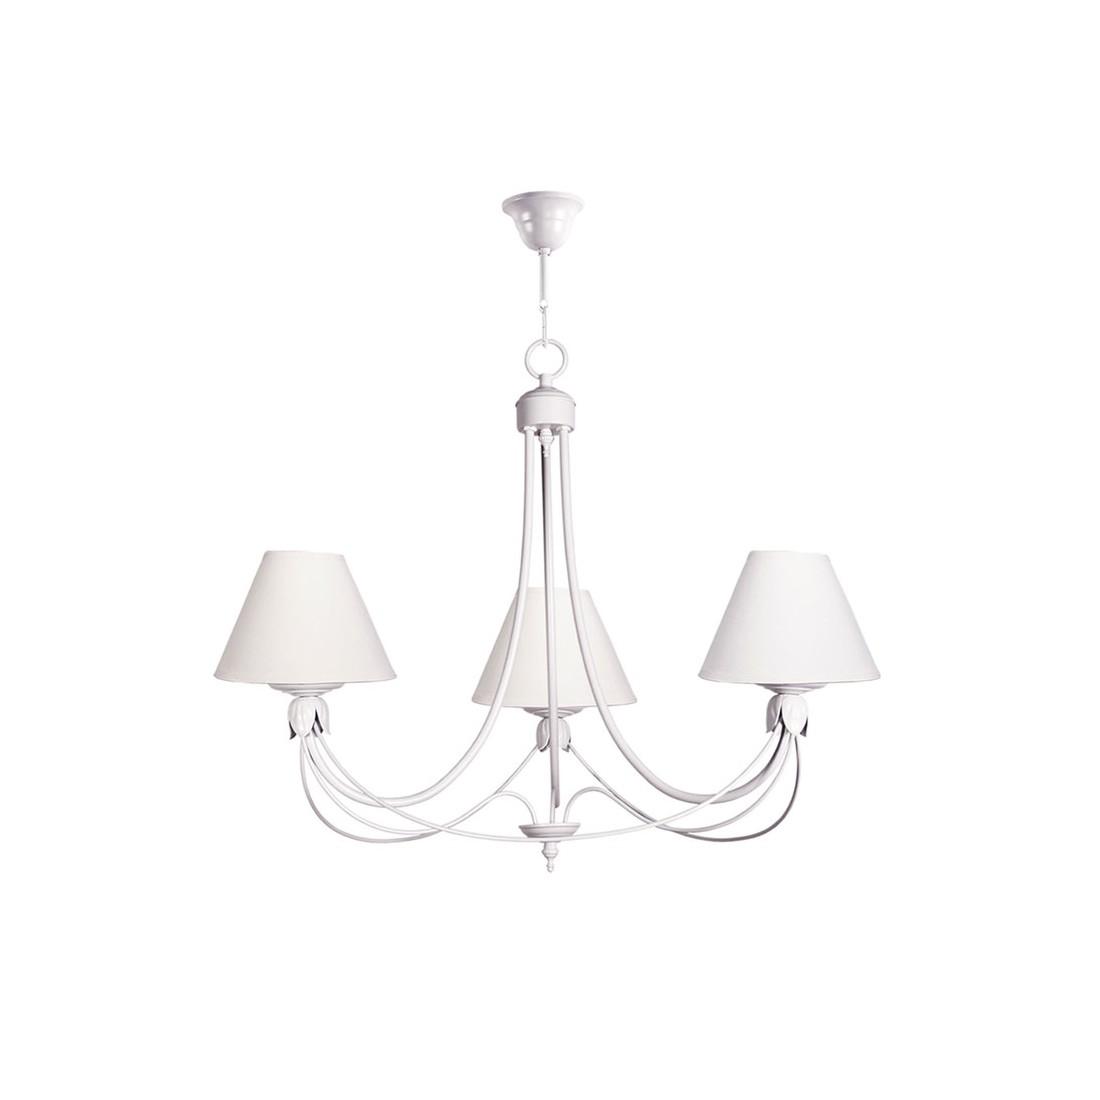 Lamparas techo clasicas lamparas de colgar clasicas - Lamparas de colgar ...